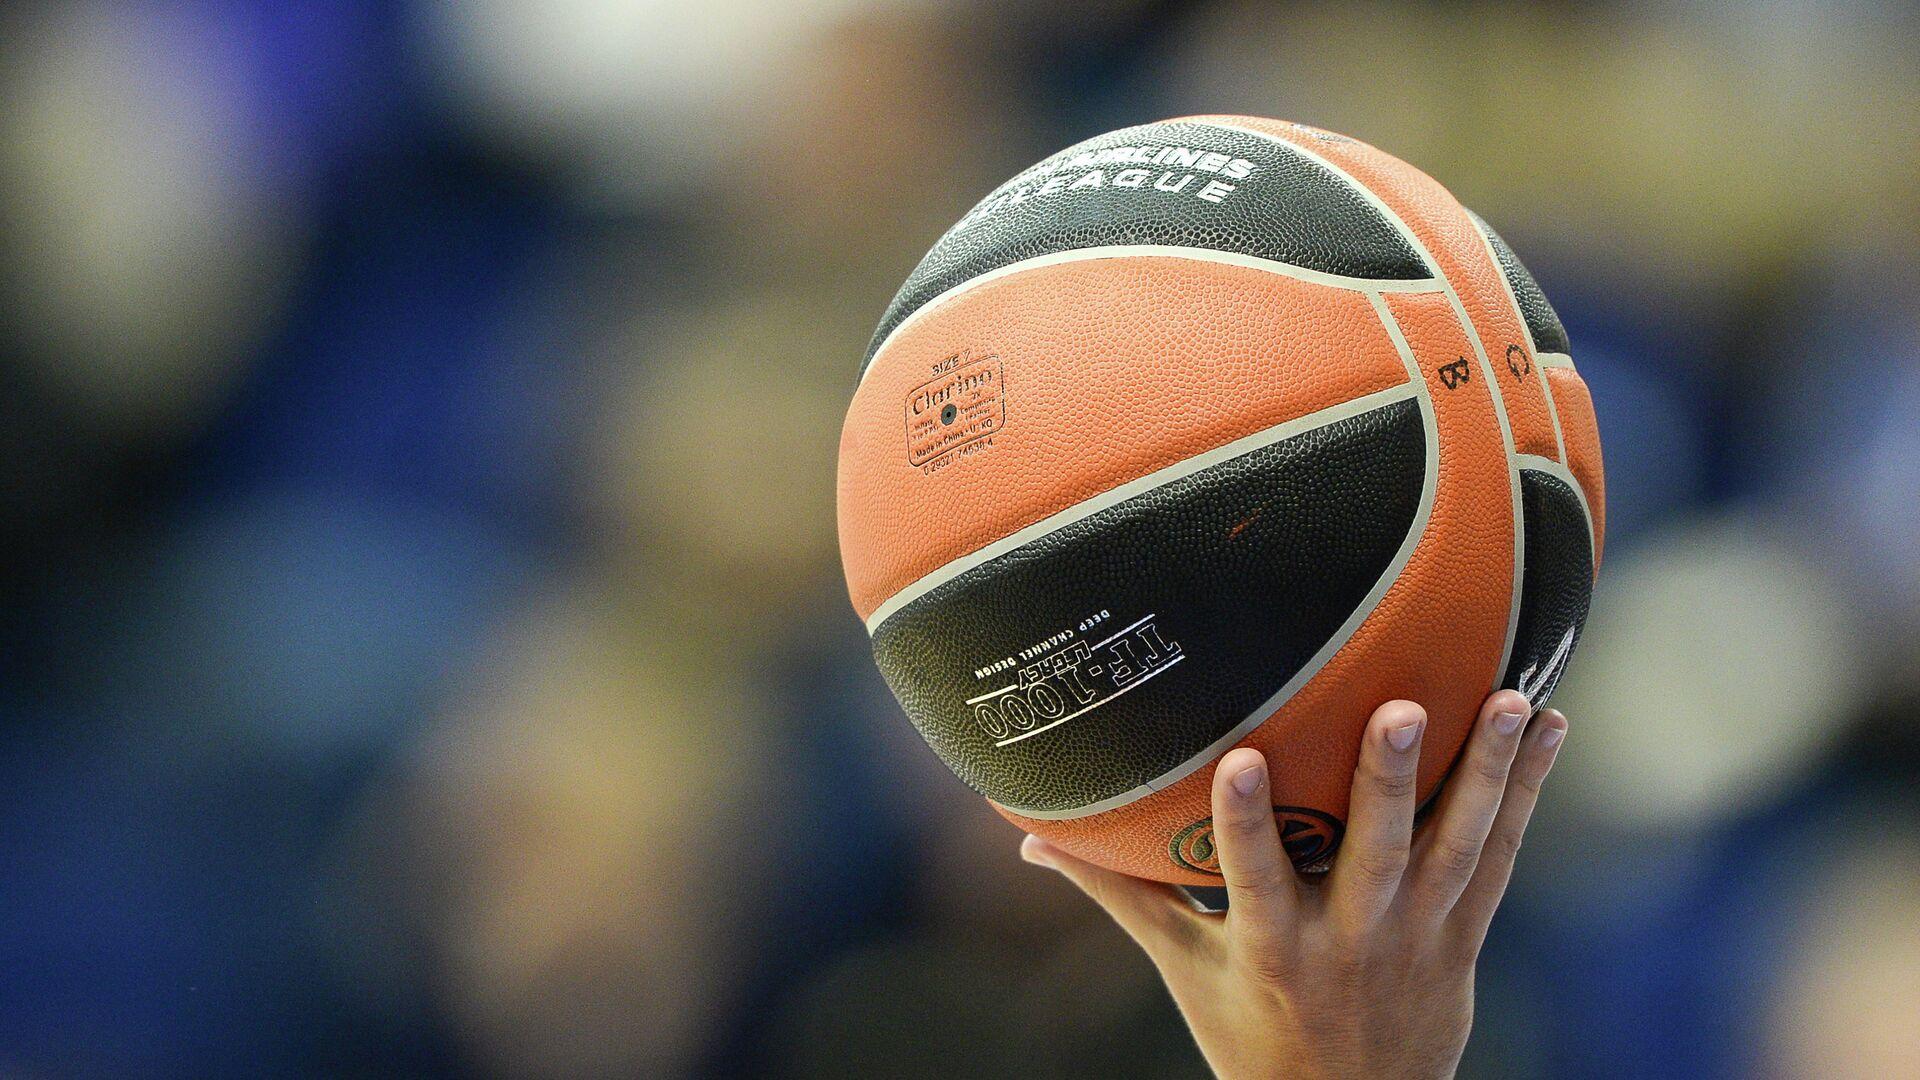 Баскетбольный мяч - РИА Новости, 1920, 19.01.2021